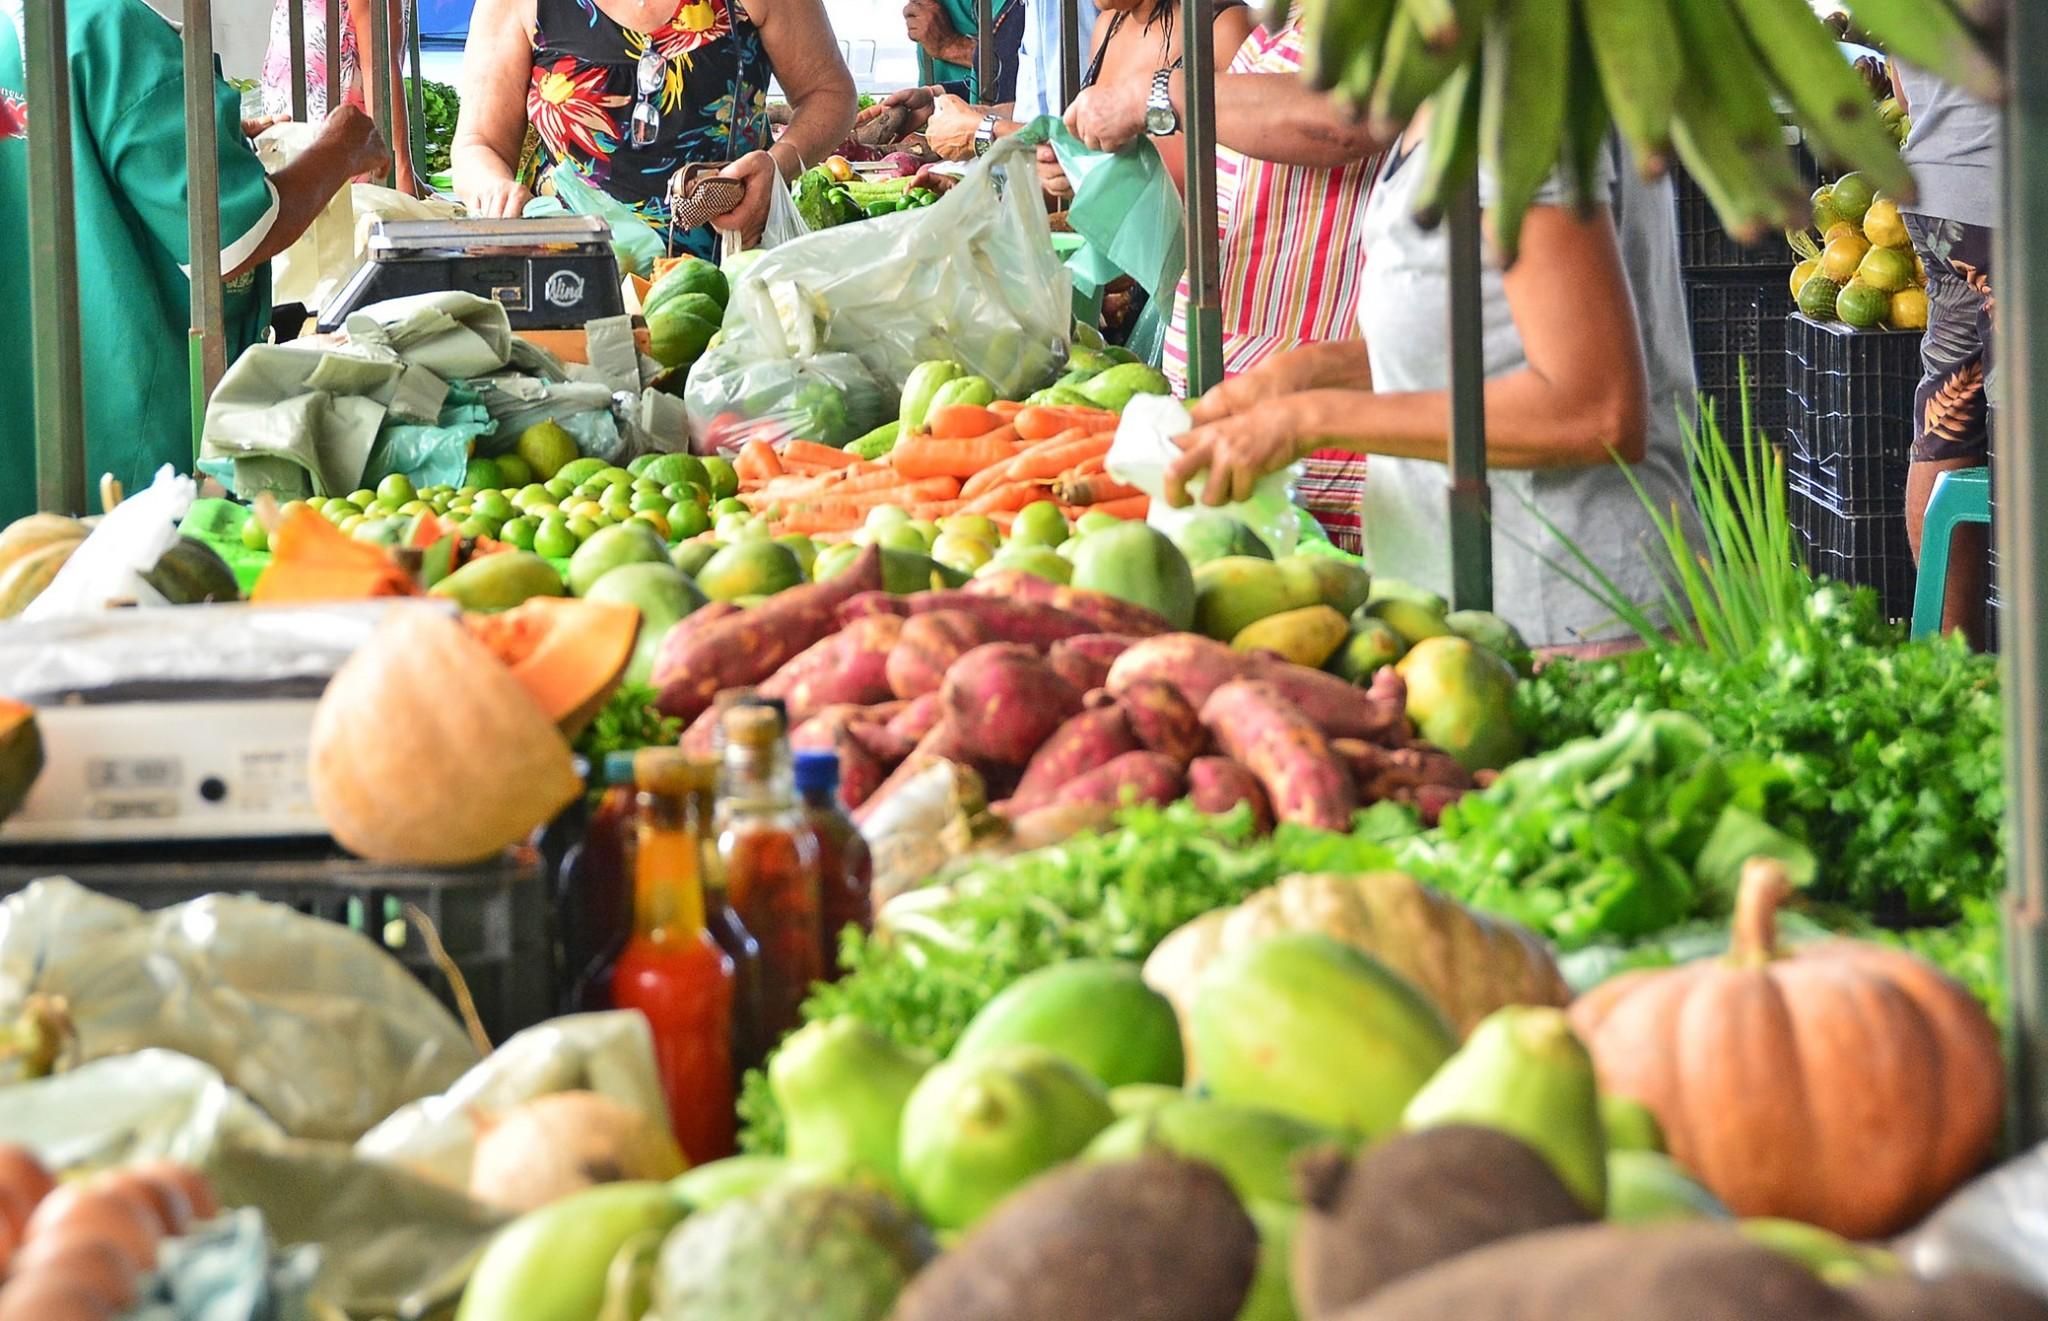 Alimentos, Feira, Cecaf, Comida, Verduras, Hortis, Legumes